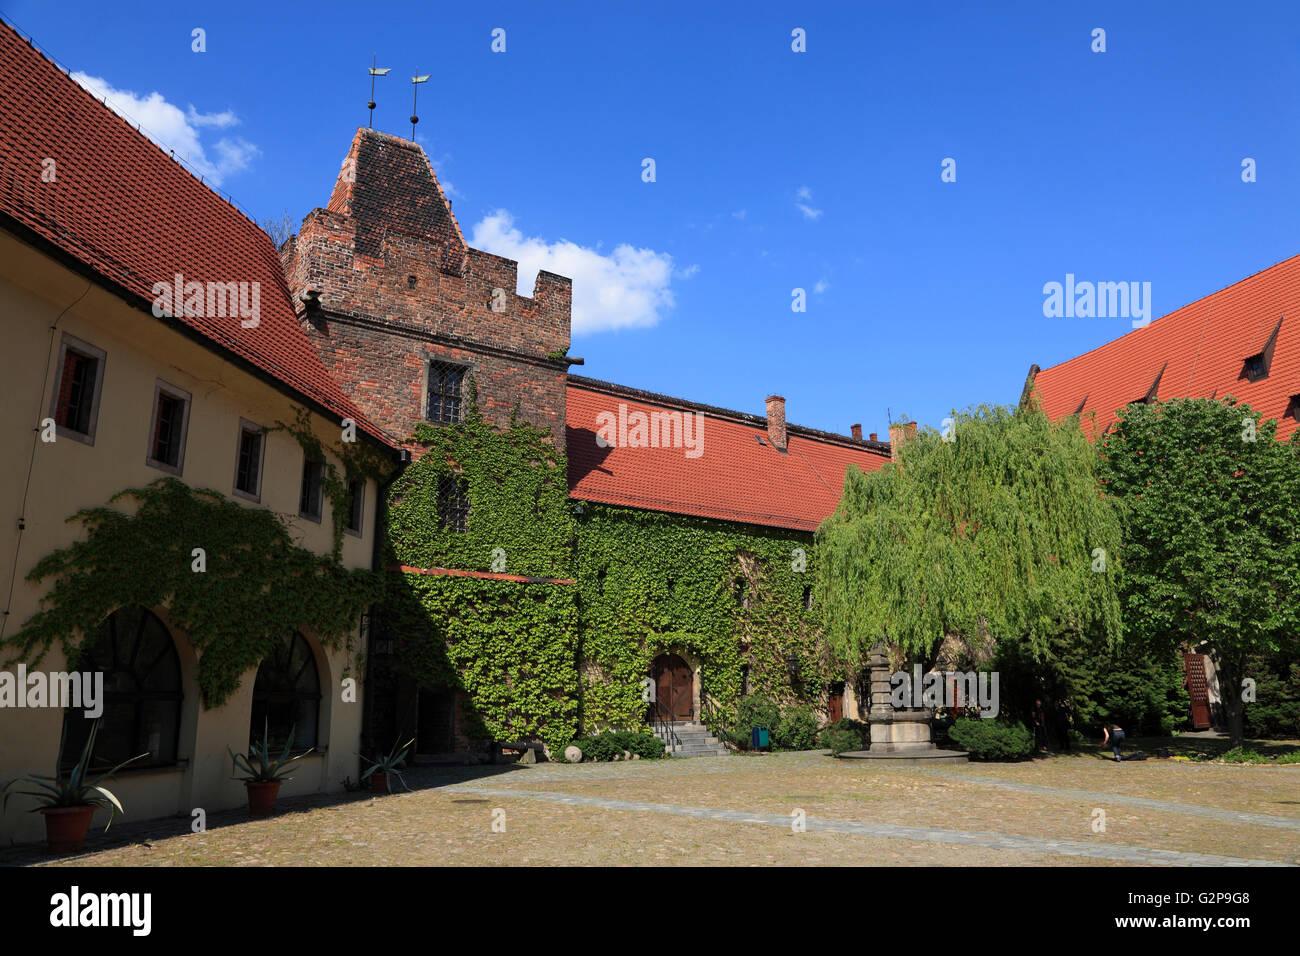 Arsenal, militaria Museum, Wroclaw, Silesia, Poland, Europe - Stock Image